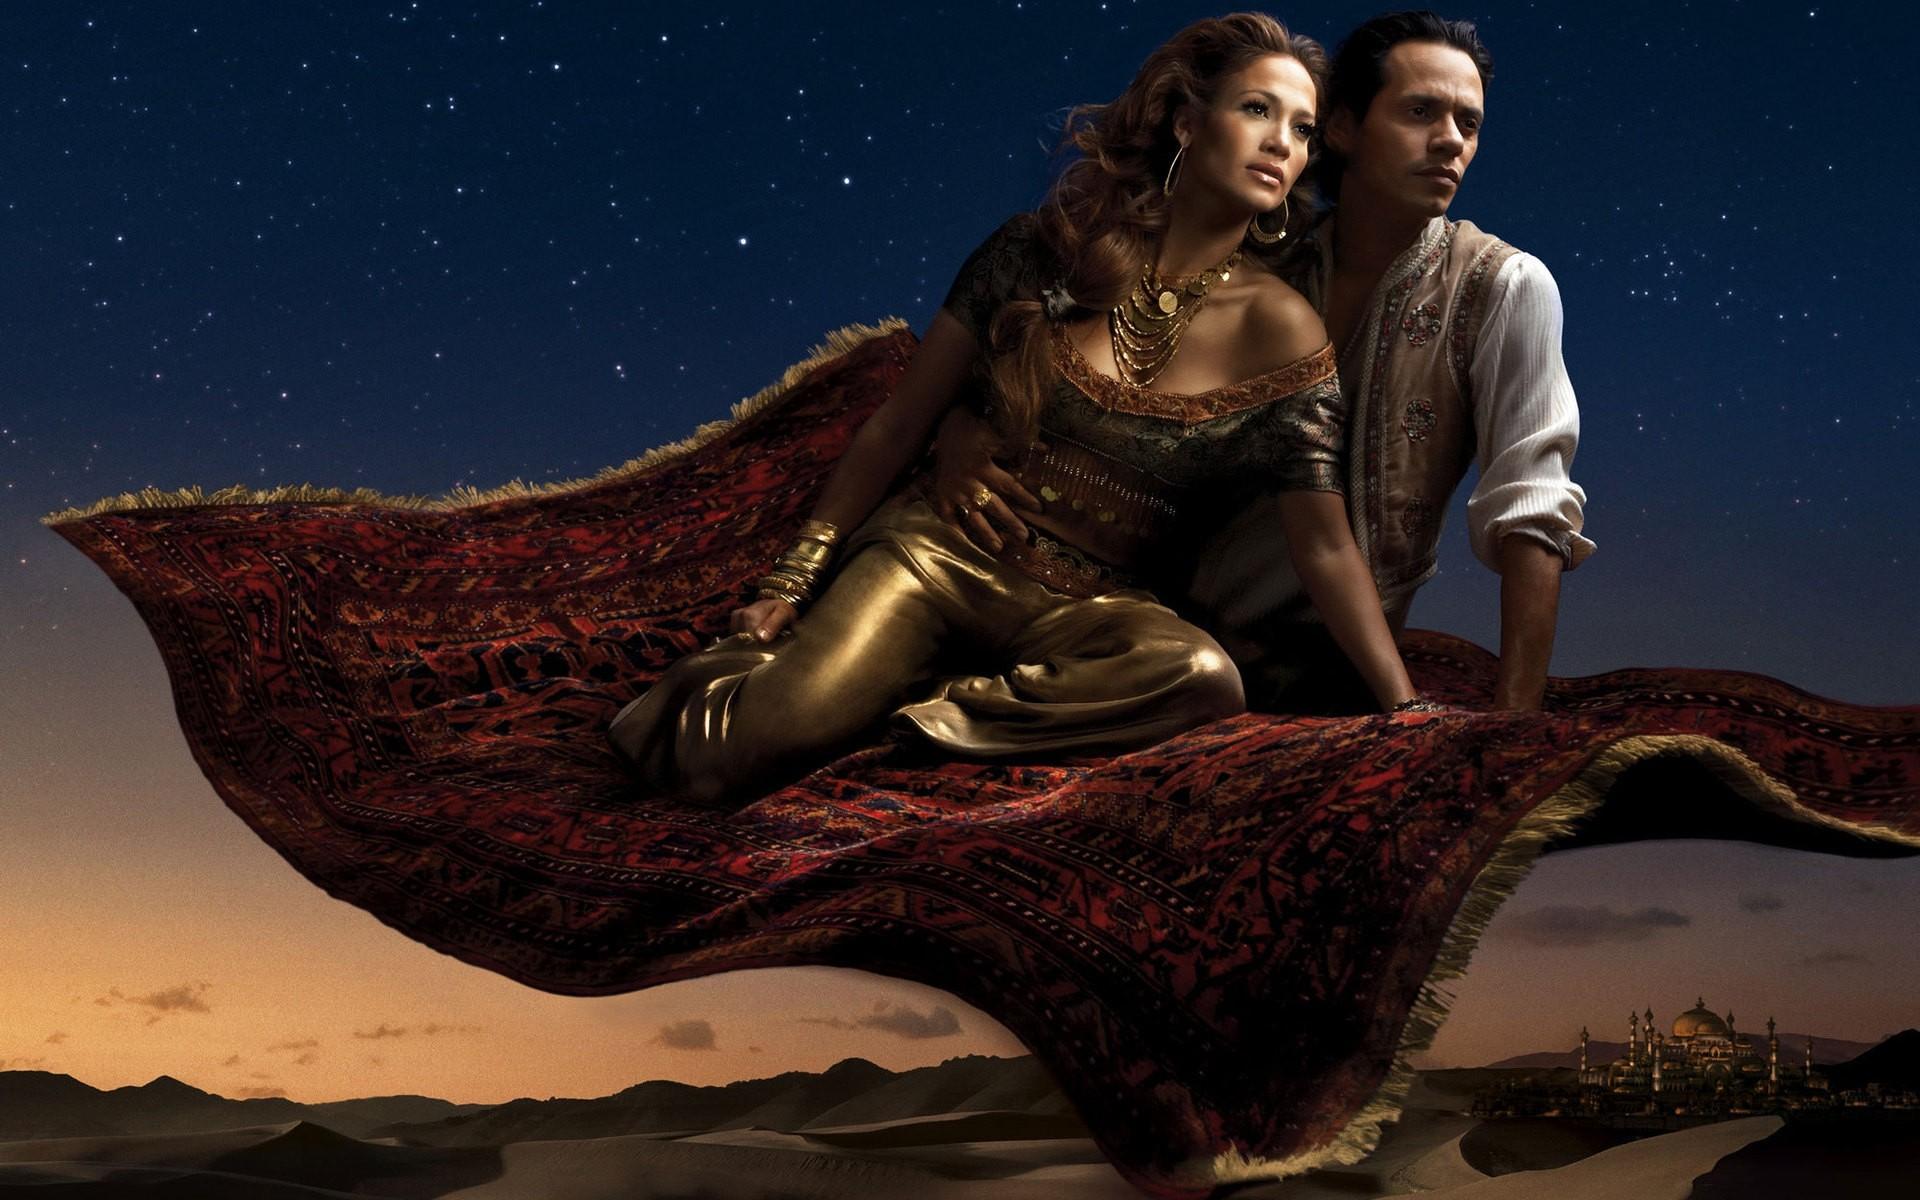 Фото в стиле фэнтези мужчина и женщина